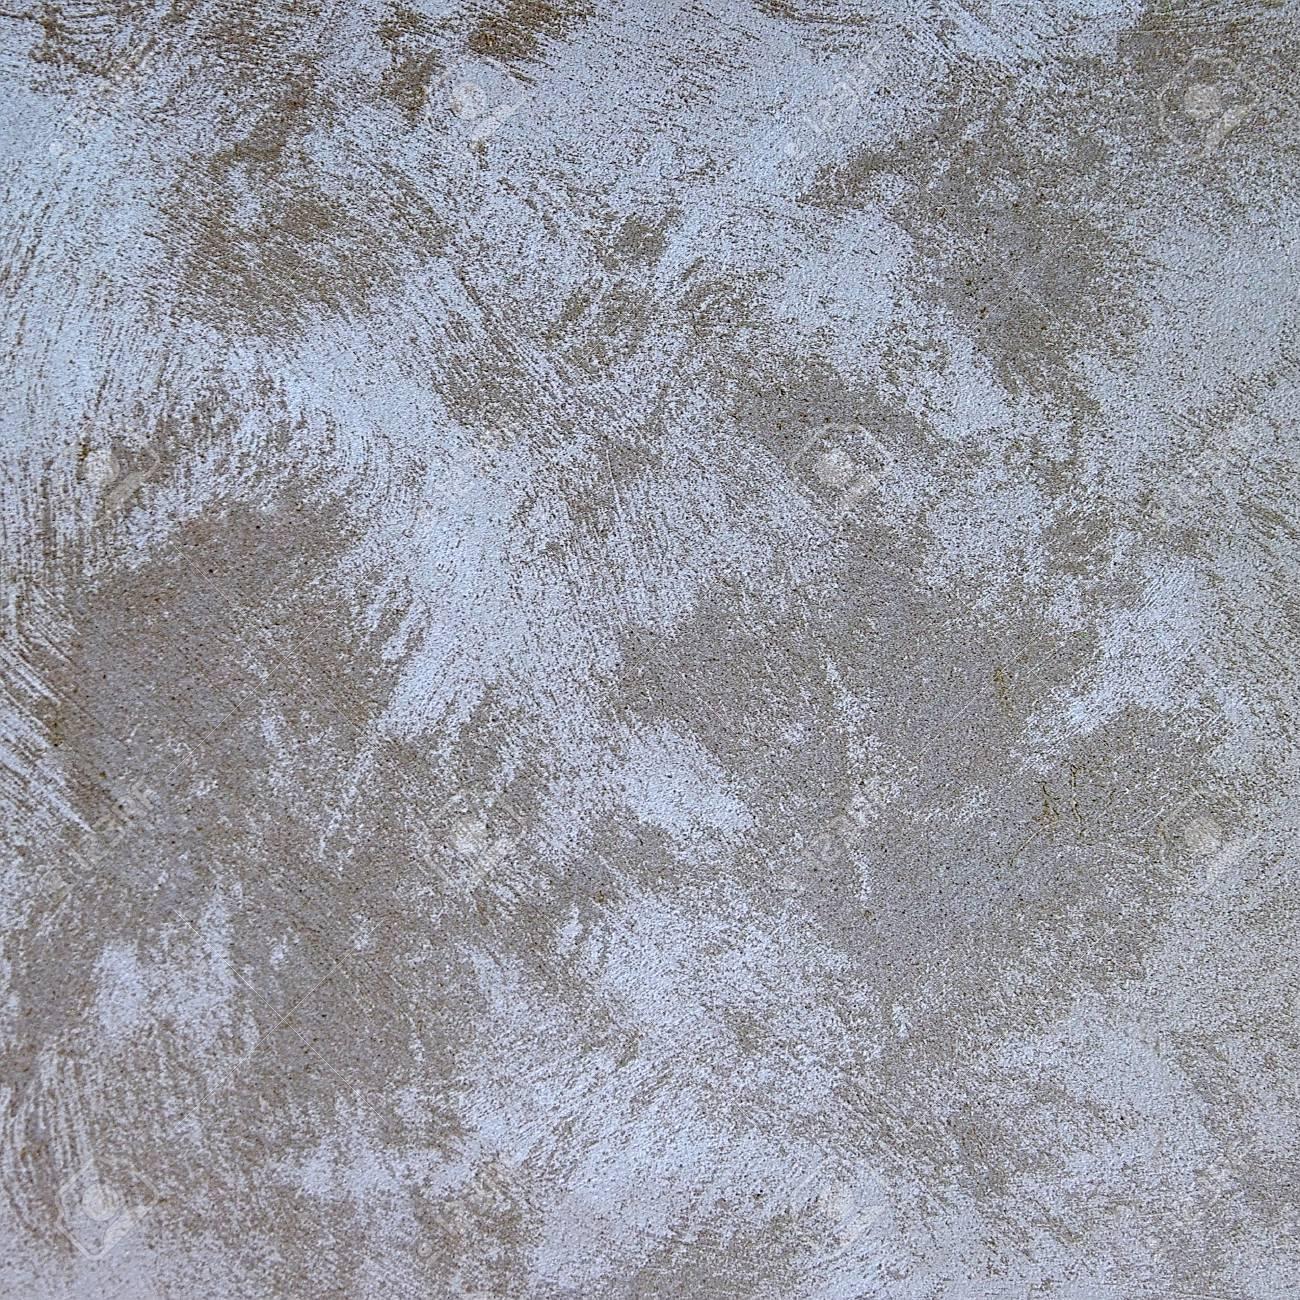 Papier Peint Effet Crepi crépis motif de texture gris avec effet perlé